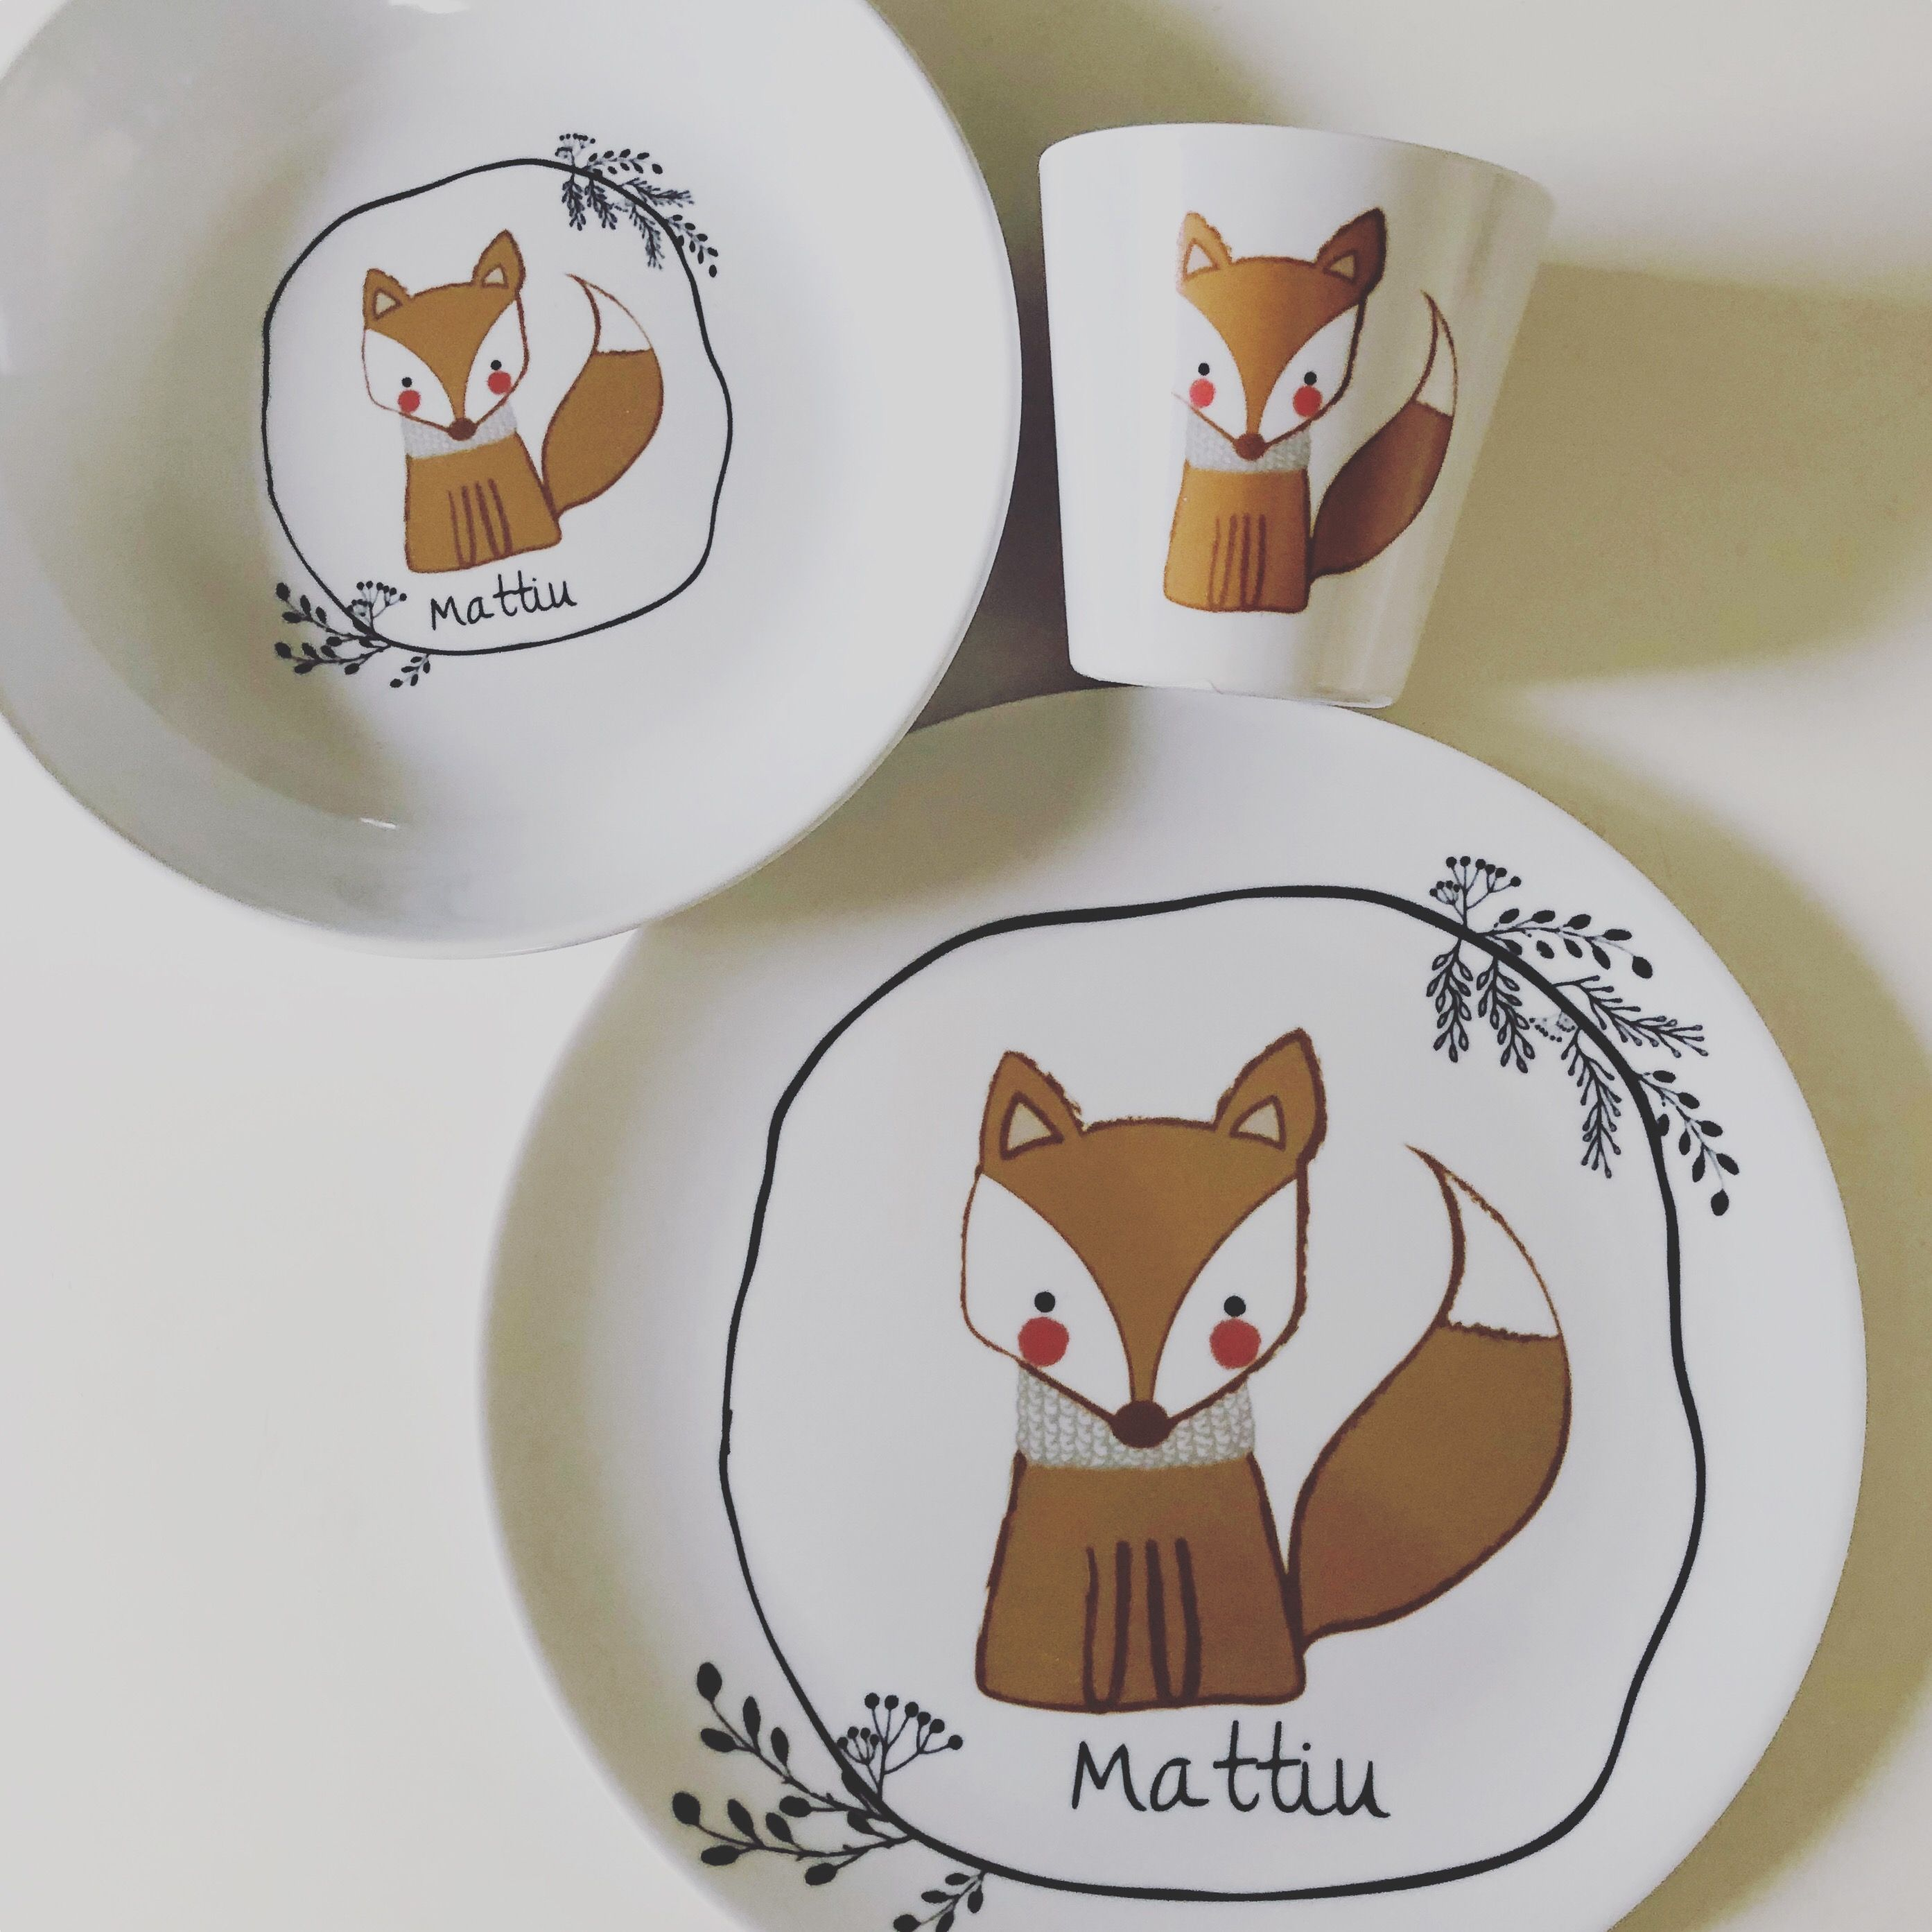 Kindergeschirr Melamin Mit Namen Fuchs Kinder Geschirr Geschenke Personalisierte Kindergeschenke